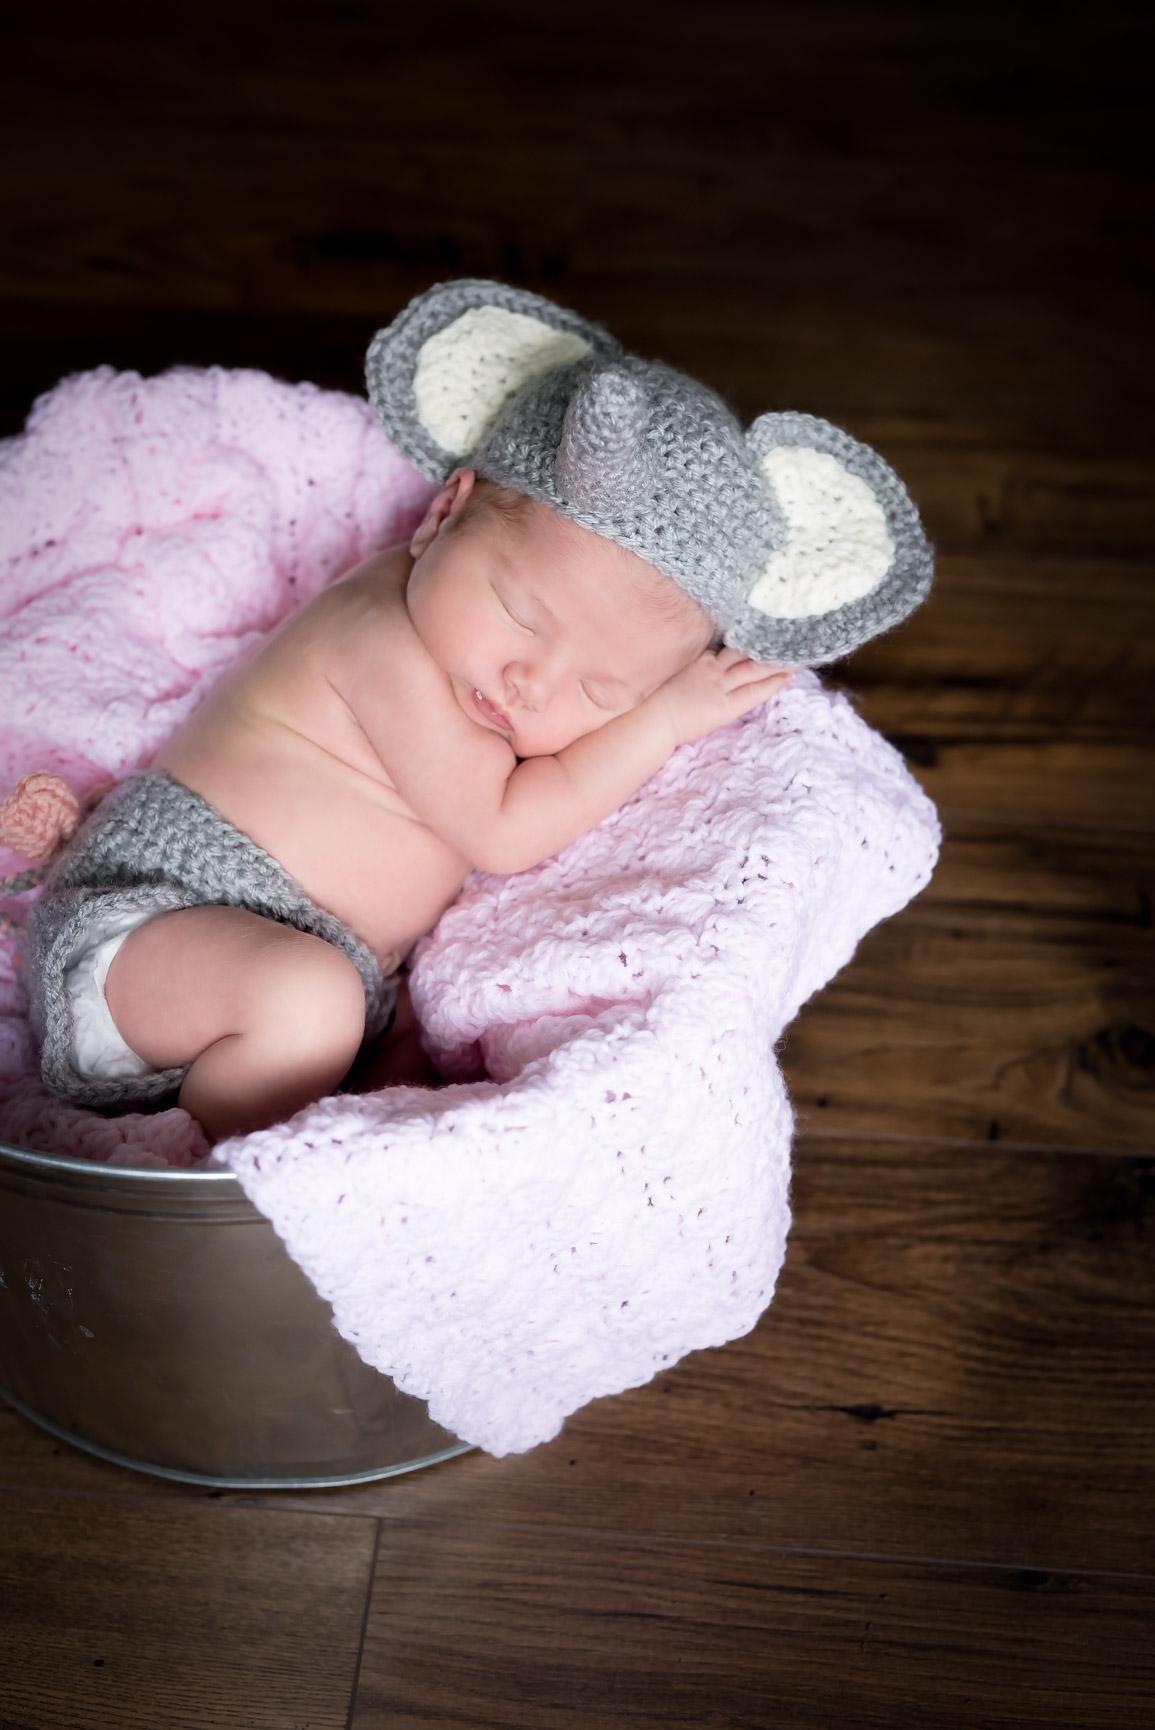 Baby Bowen - Jamie & MelissaDSC_8636-Edit.jpg